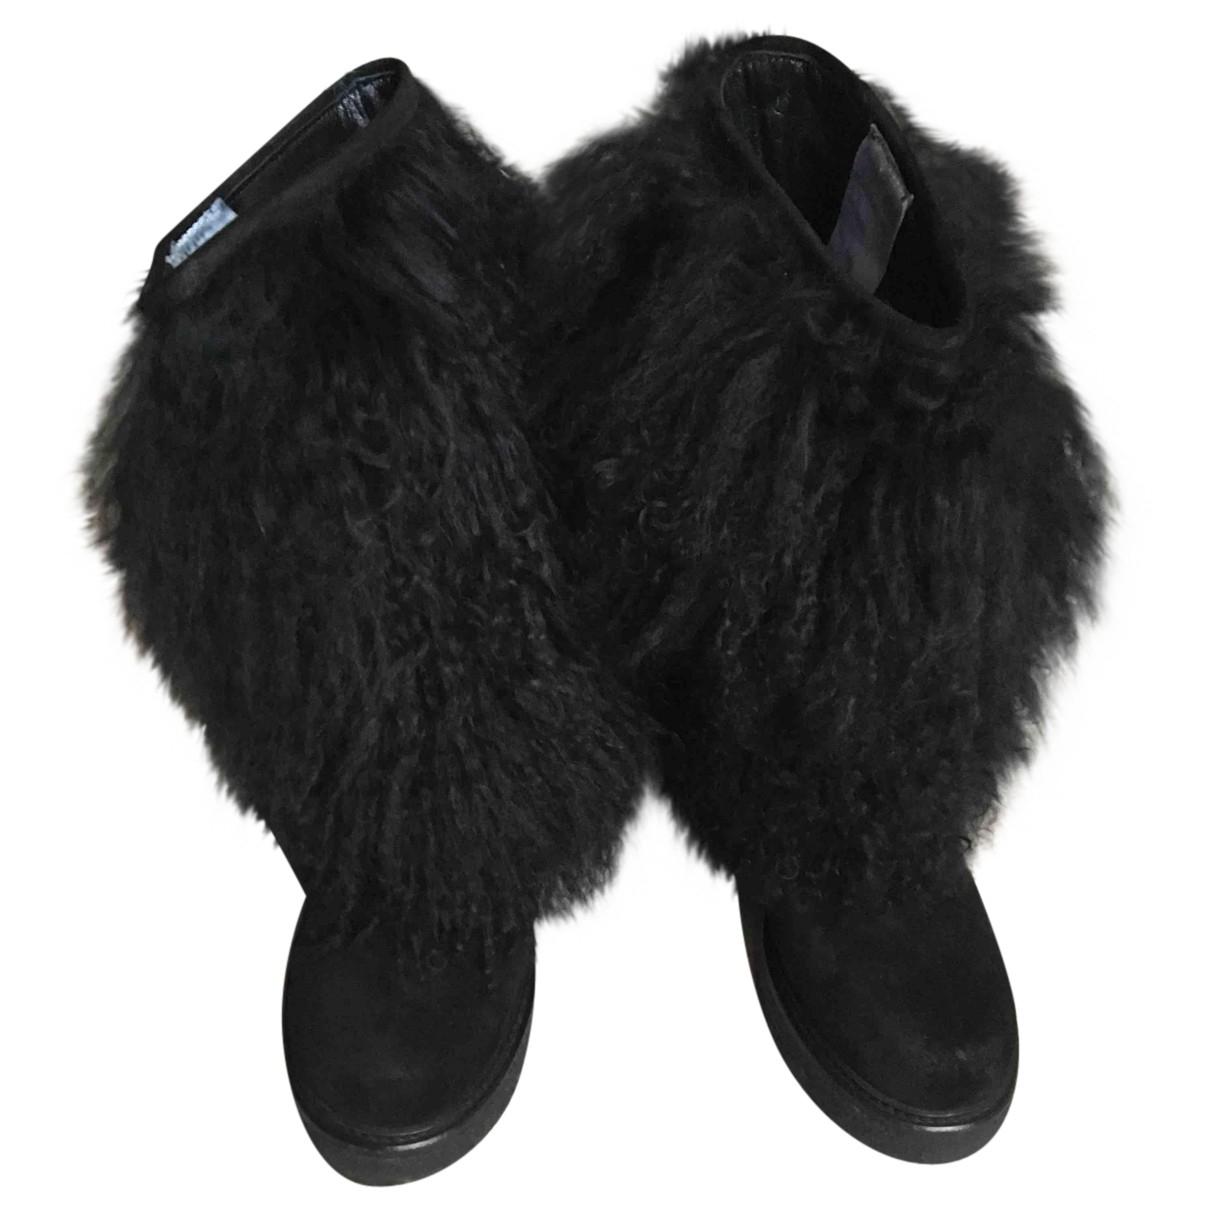 Moncler N Black Mongolian Lamb Boots for Women 36 EU